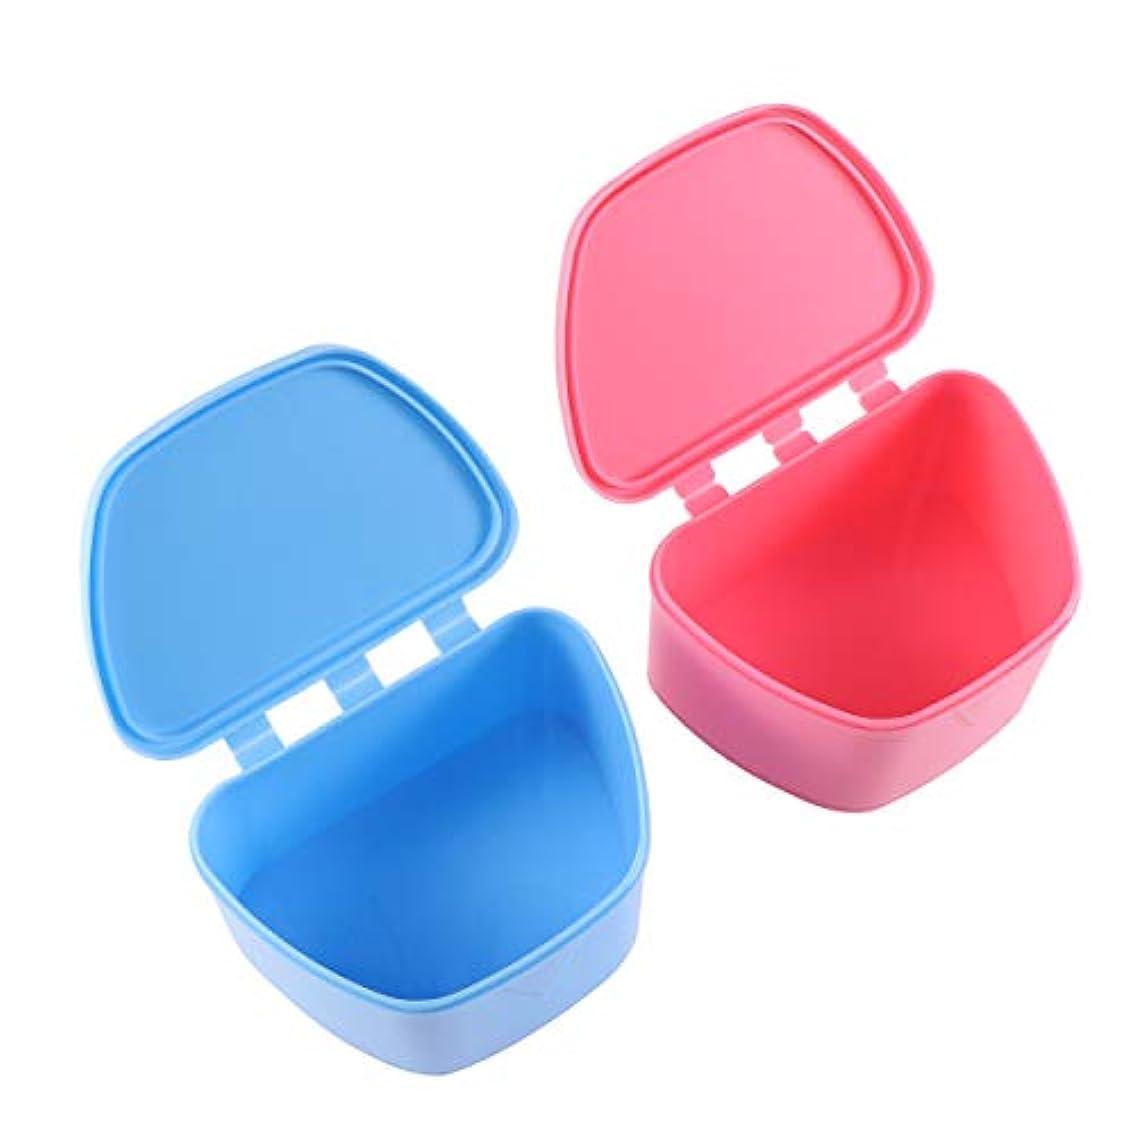 信者習慣ウィザードHealifty 歯科ケース義歯収納ボックス矯正歯科ボックス2個(青とロージー)